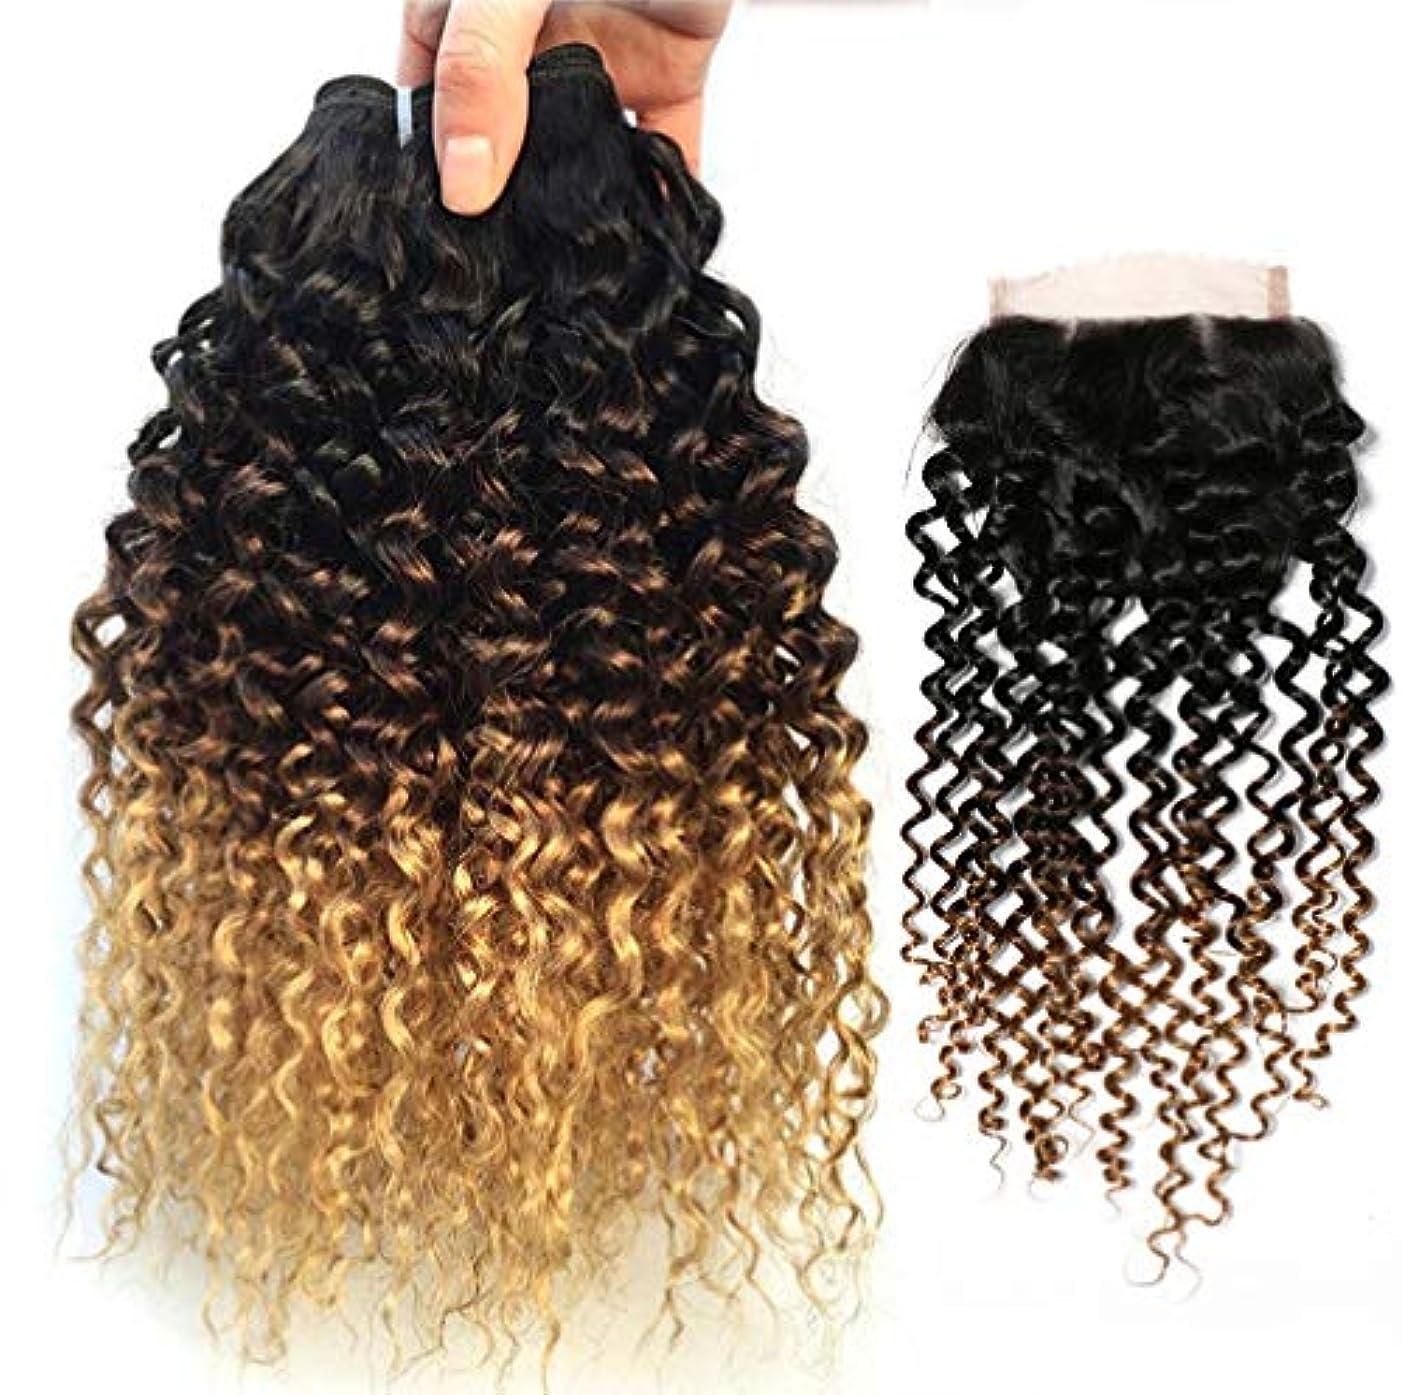 味わう分析的な壁女性の髪の織り方ブラジルの髪の波の閉鎖オンブル人間の髪の束茶色のバージン髪人間の髪の織り(3バンドル)